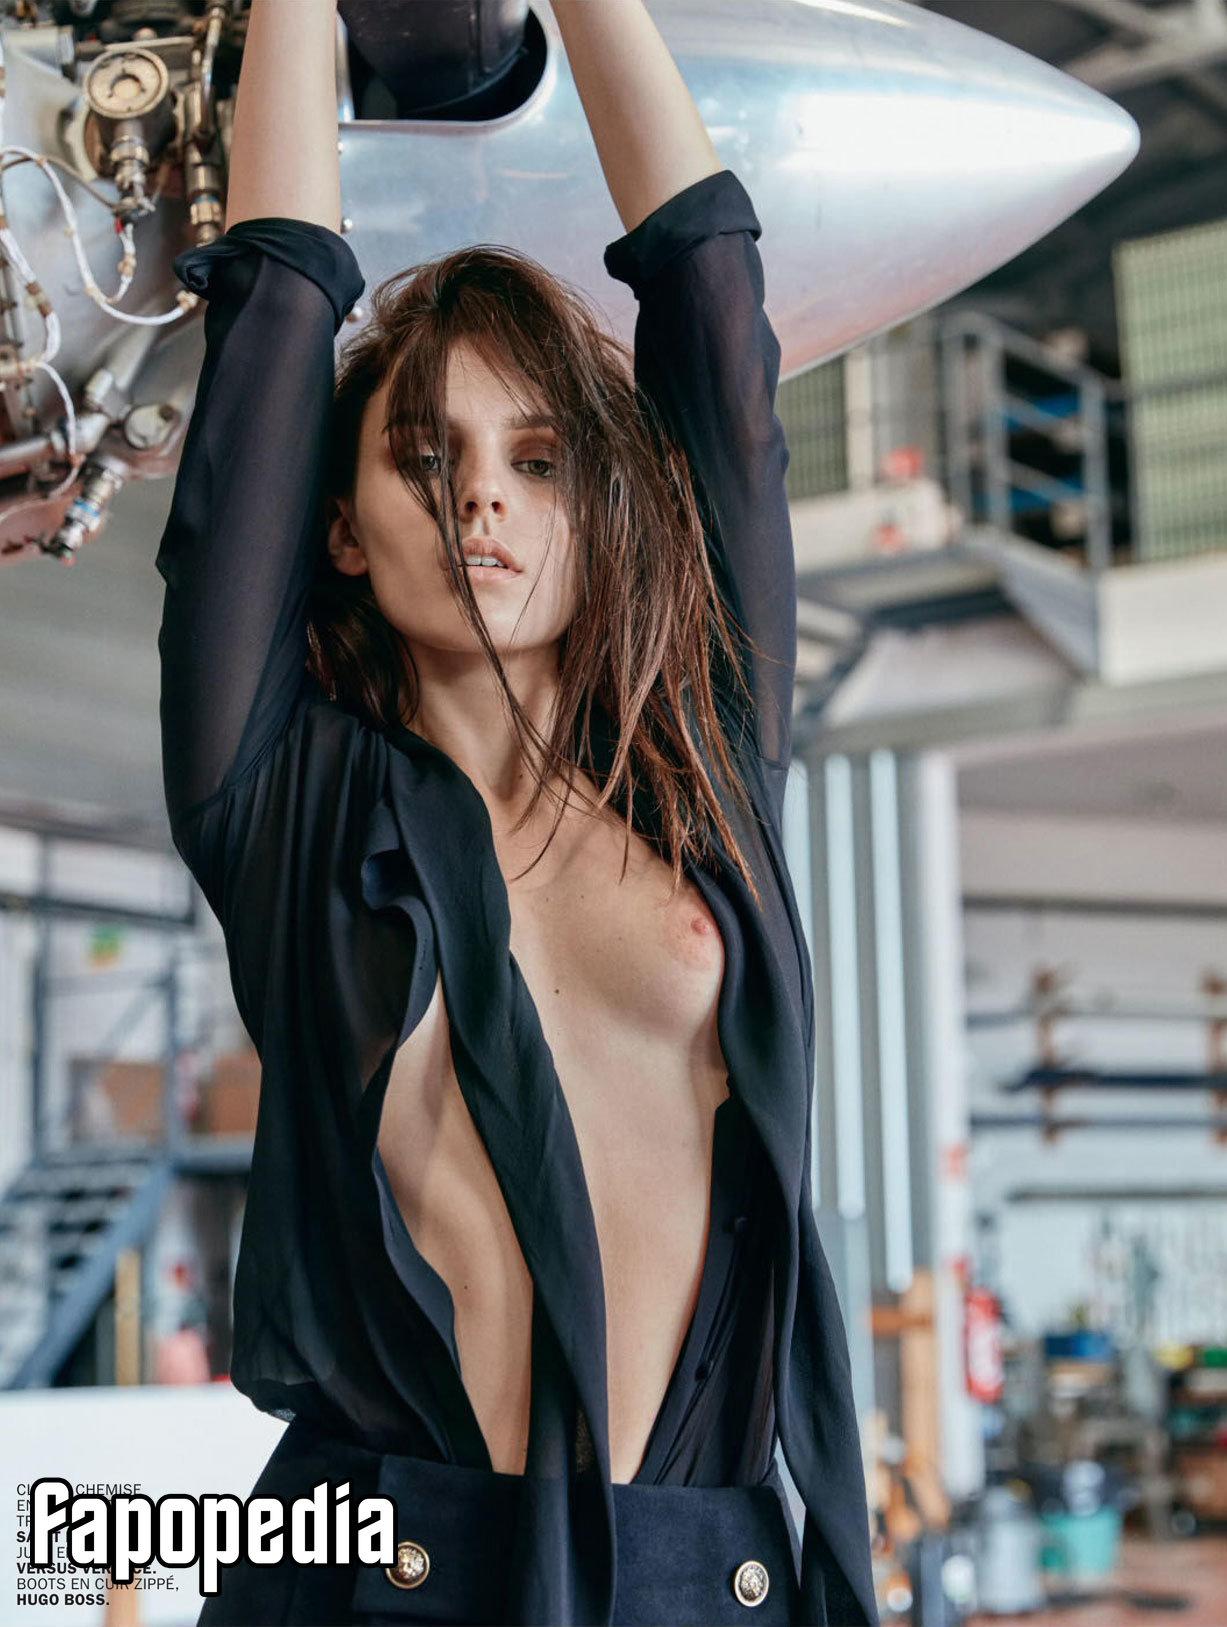 Nicolas Ivanoff Nude Leaks